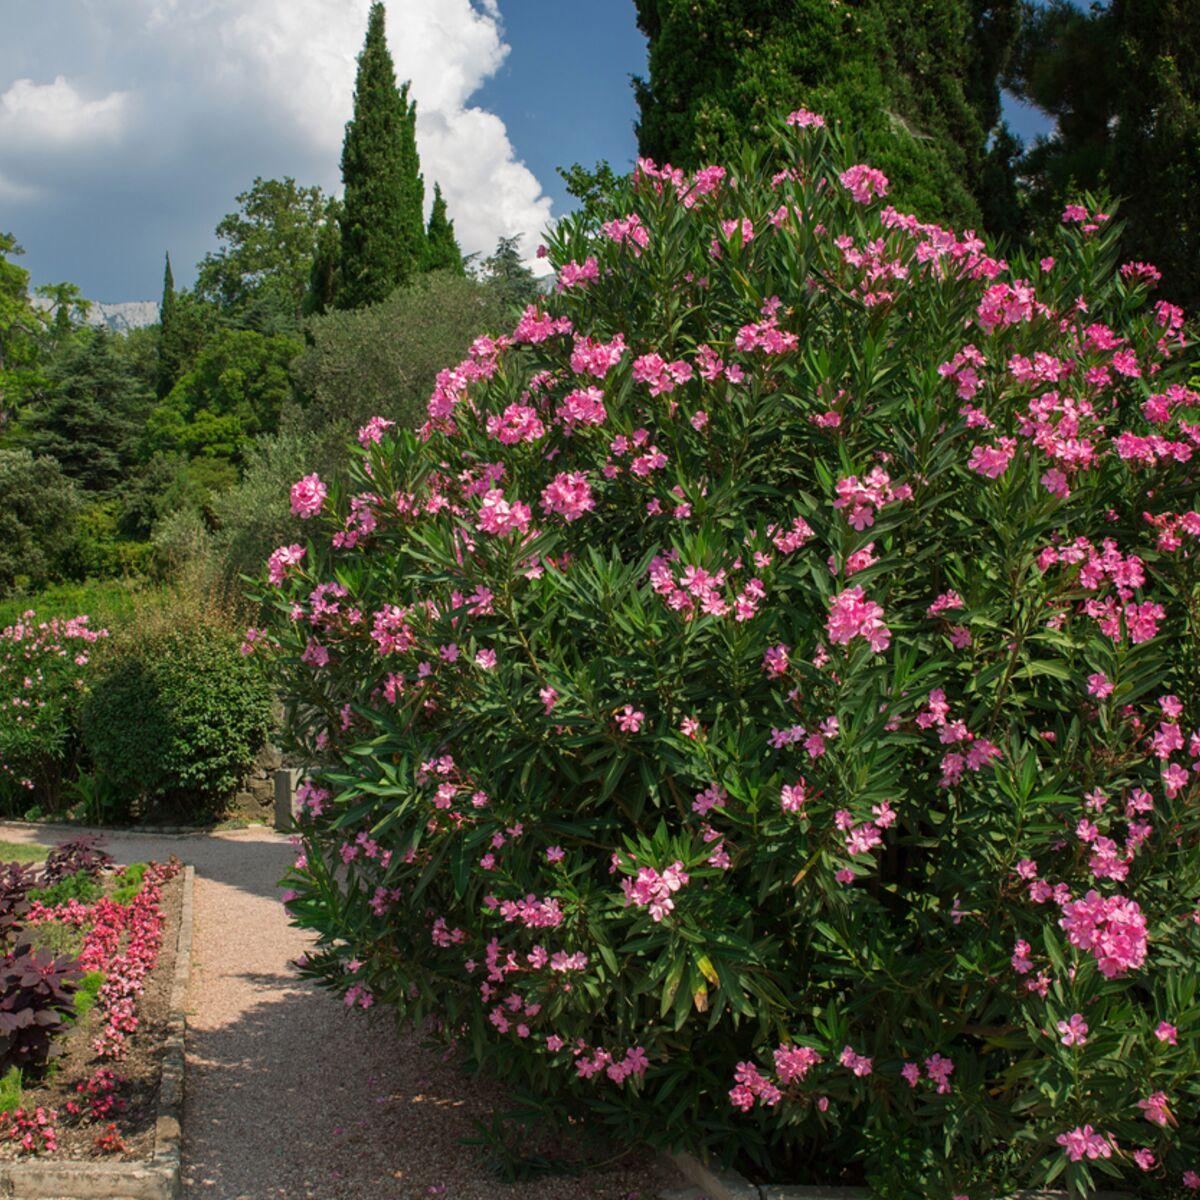 Plantes Pour Mur Végétal Extérieur 7 plantes d'extérieur qui poussent rapidement : femme